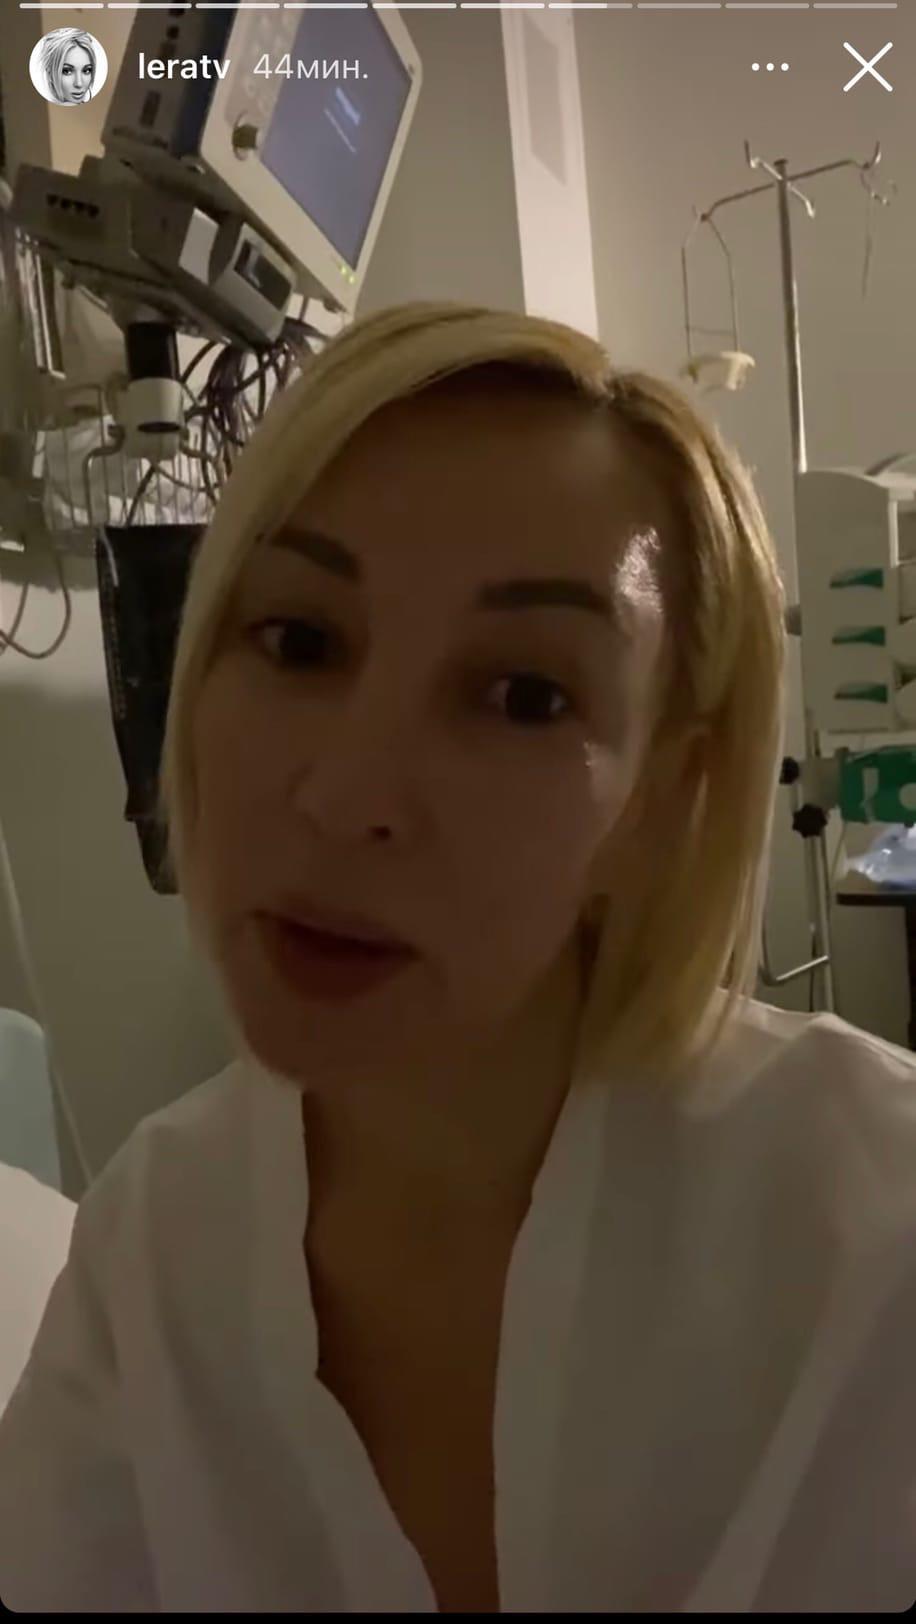 """""""Некогда"""": Лера Кудрявцева не собирается выполнять предписания врачей"""